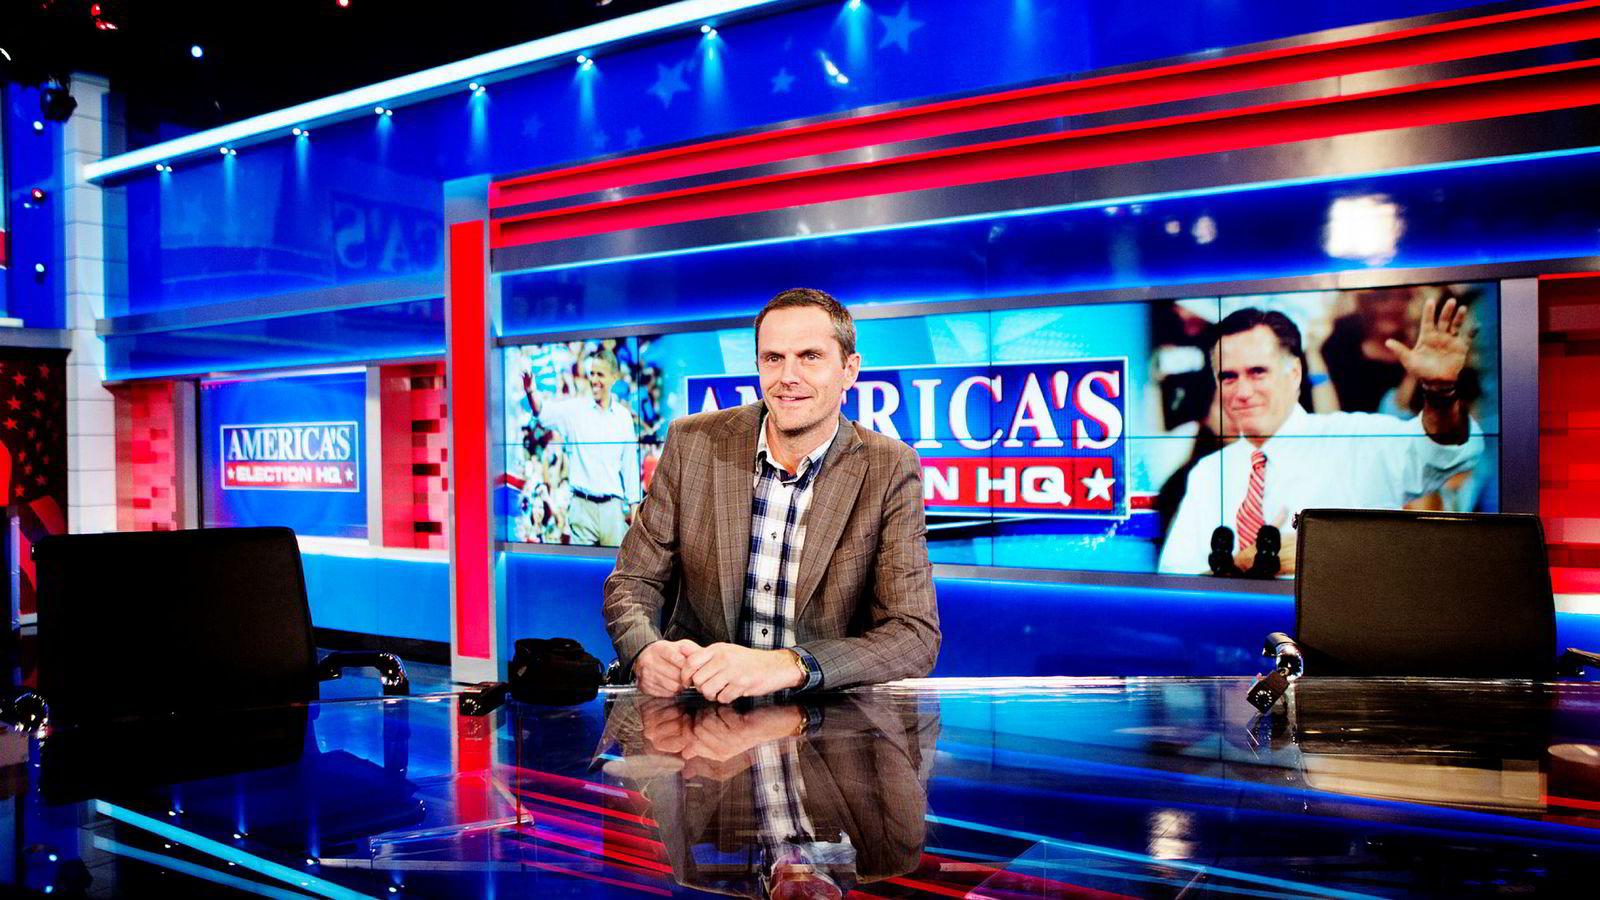 Administrasjonssjef i nyhets- og sportsredaksjonen i TV 2, Roy Tore Jensen, besøkte Fox News før presidentvalget i 2012.